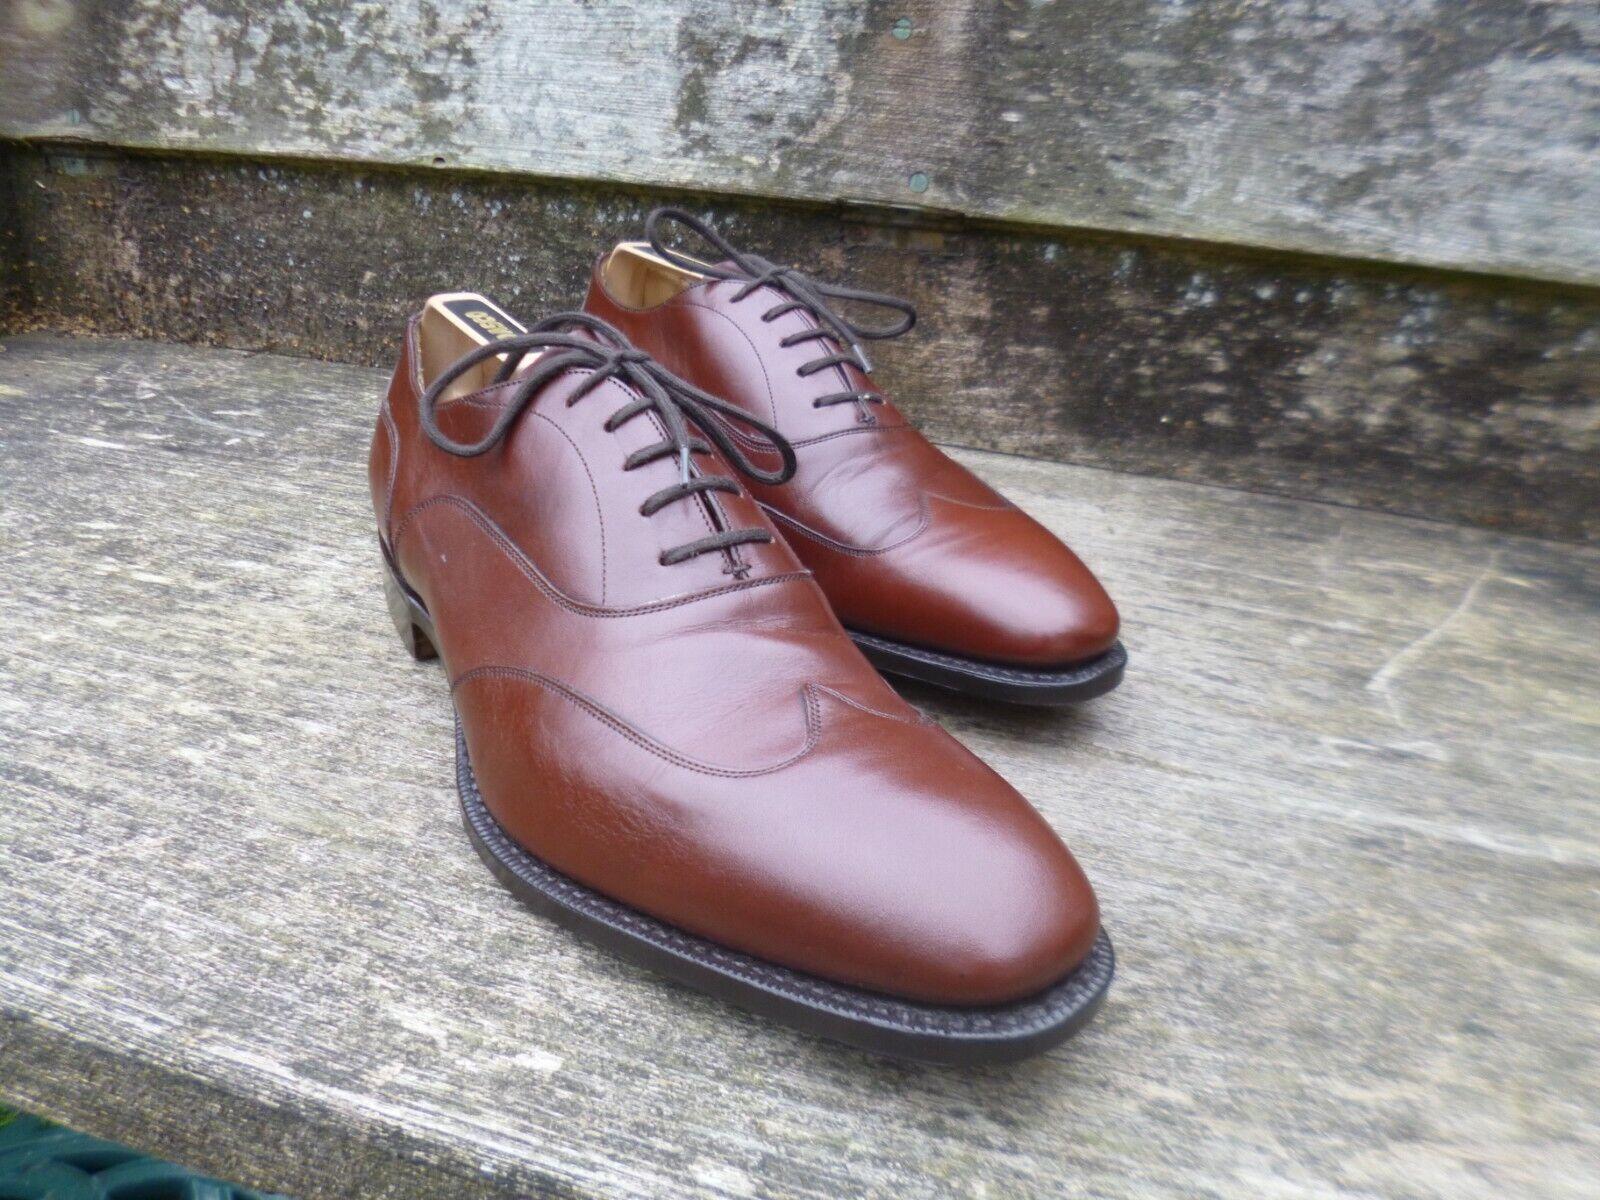 Iglesia Zapatos Oxford-Marrón – – Shergar – Excelente Estado